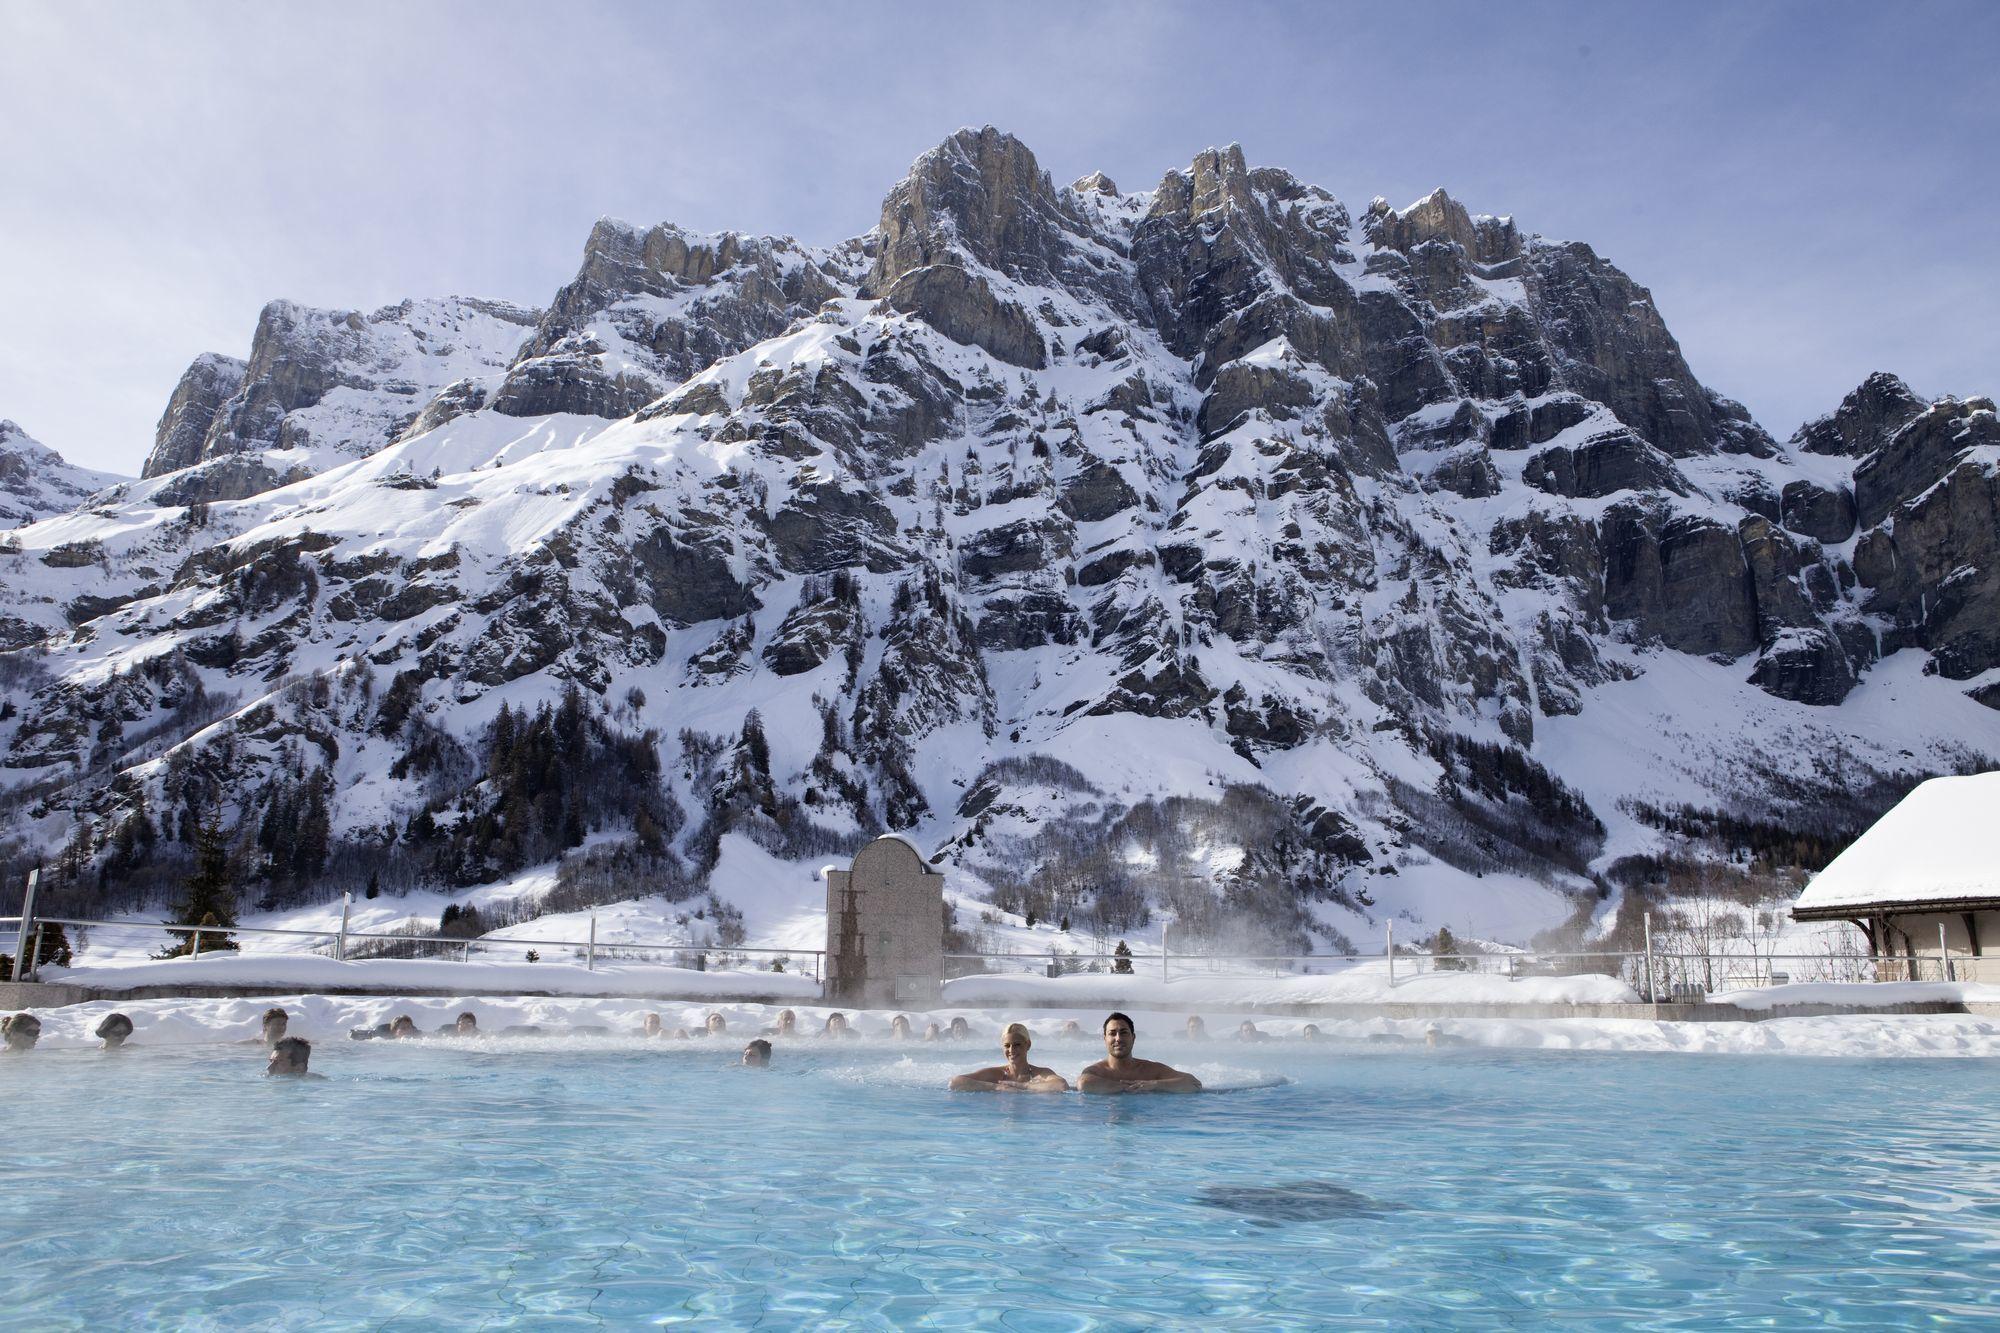 Лёйкербад - горнолыжный курорт Швейцарии с термальными источниками